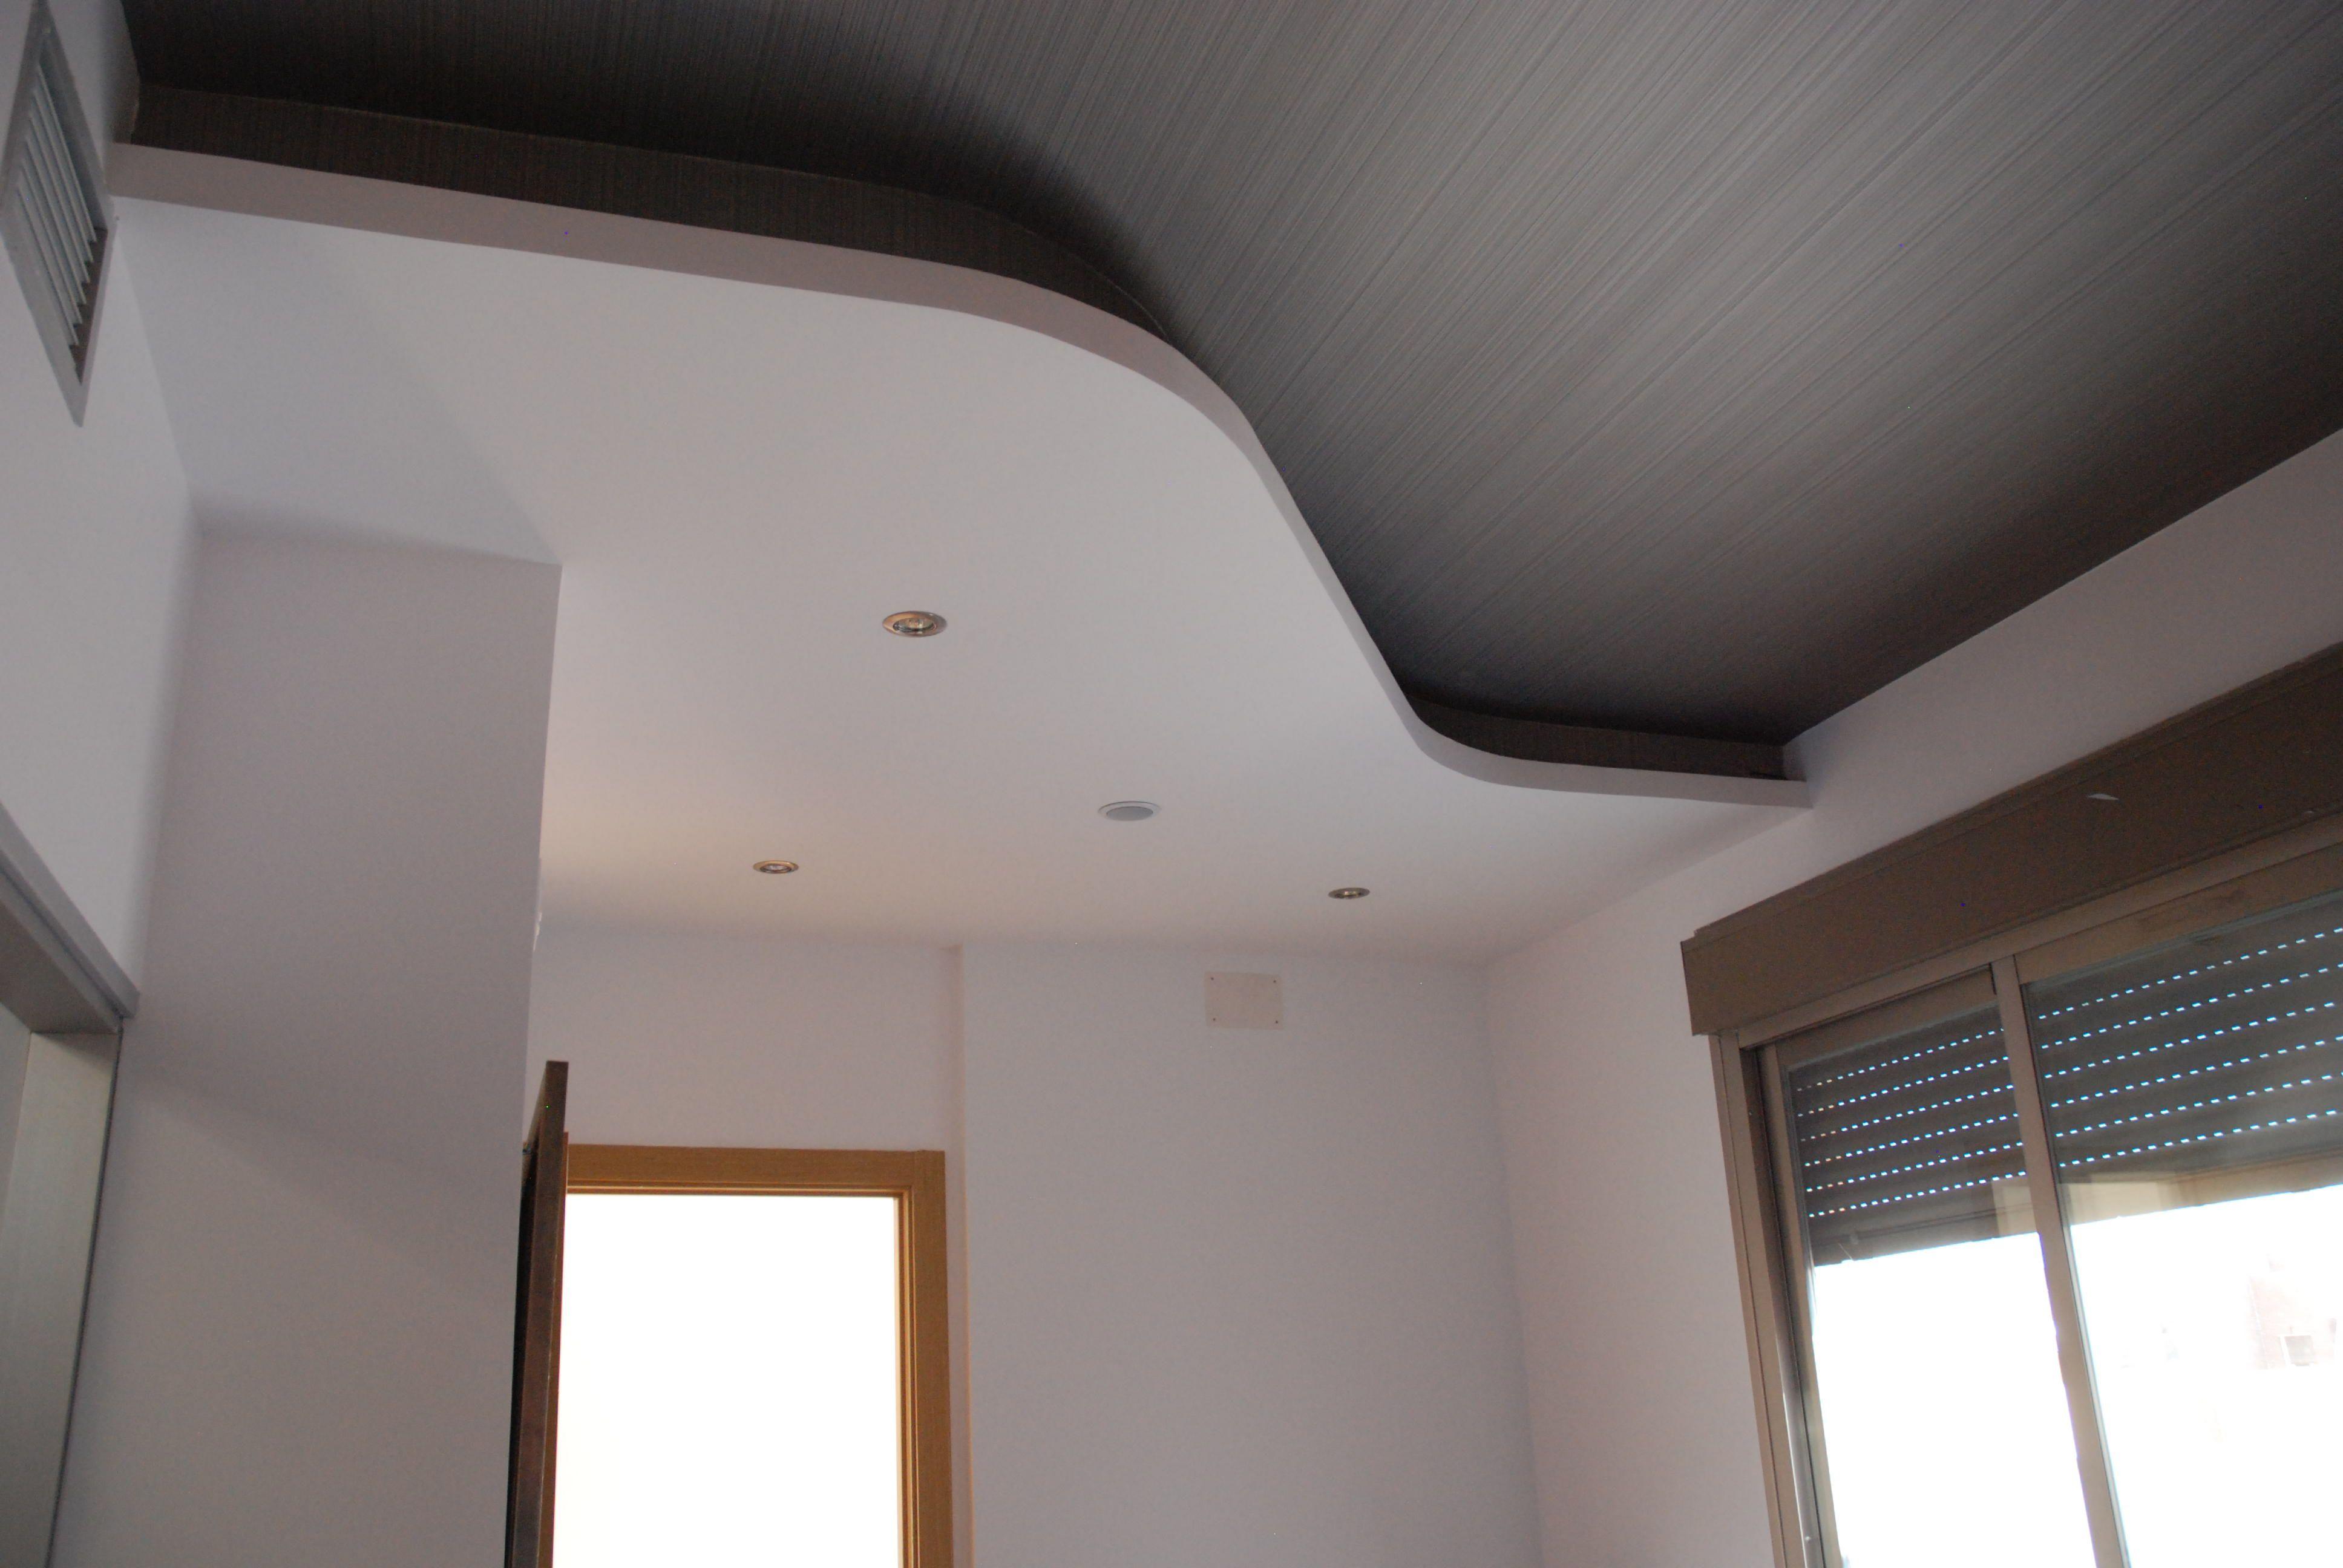 Generaci n de falso techo a dos alturas con foseado para - Focos empotrados techo ...